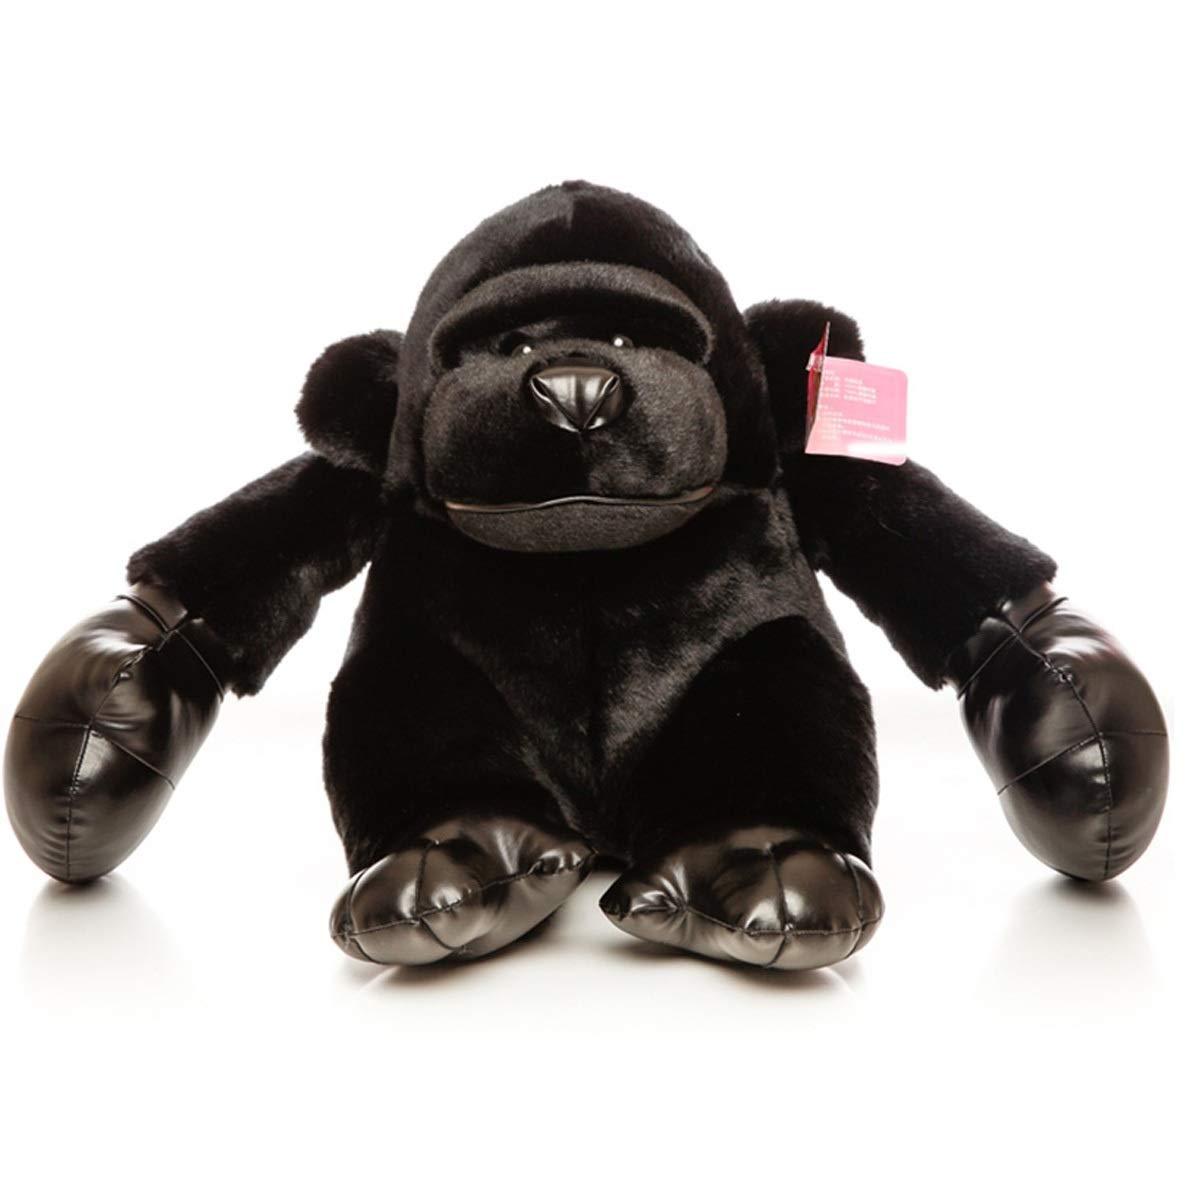 ぬいぐるみ大黒猿人形枕人形人形バレンタインデーギフト ( Color : 黒 , Size : 55ccm )